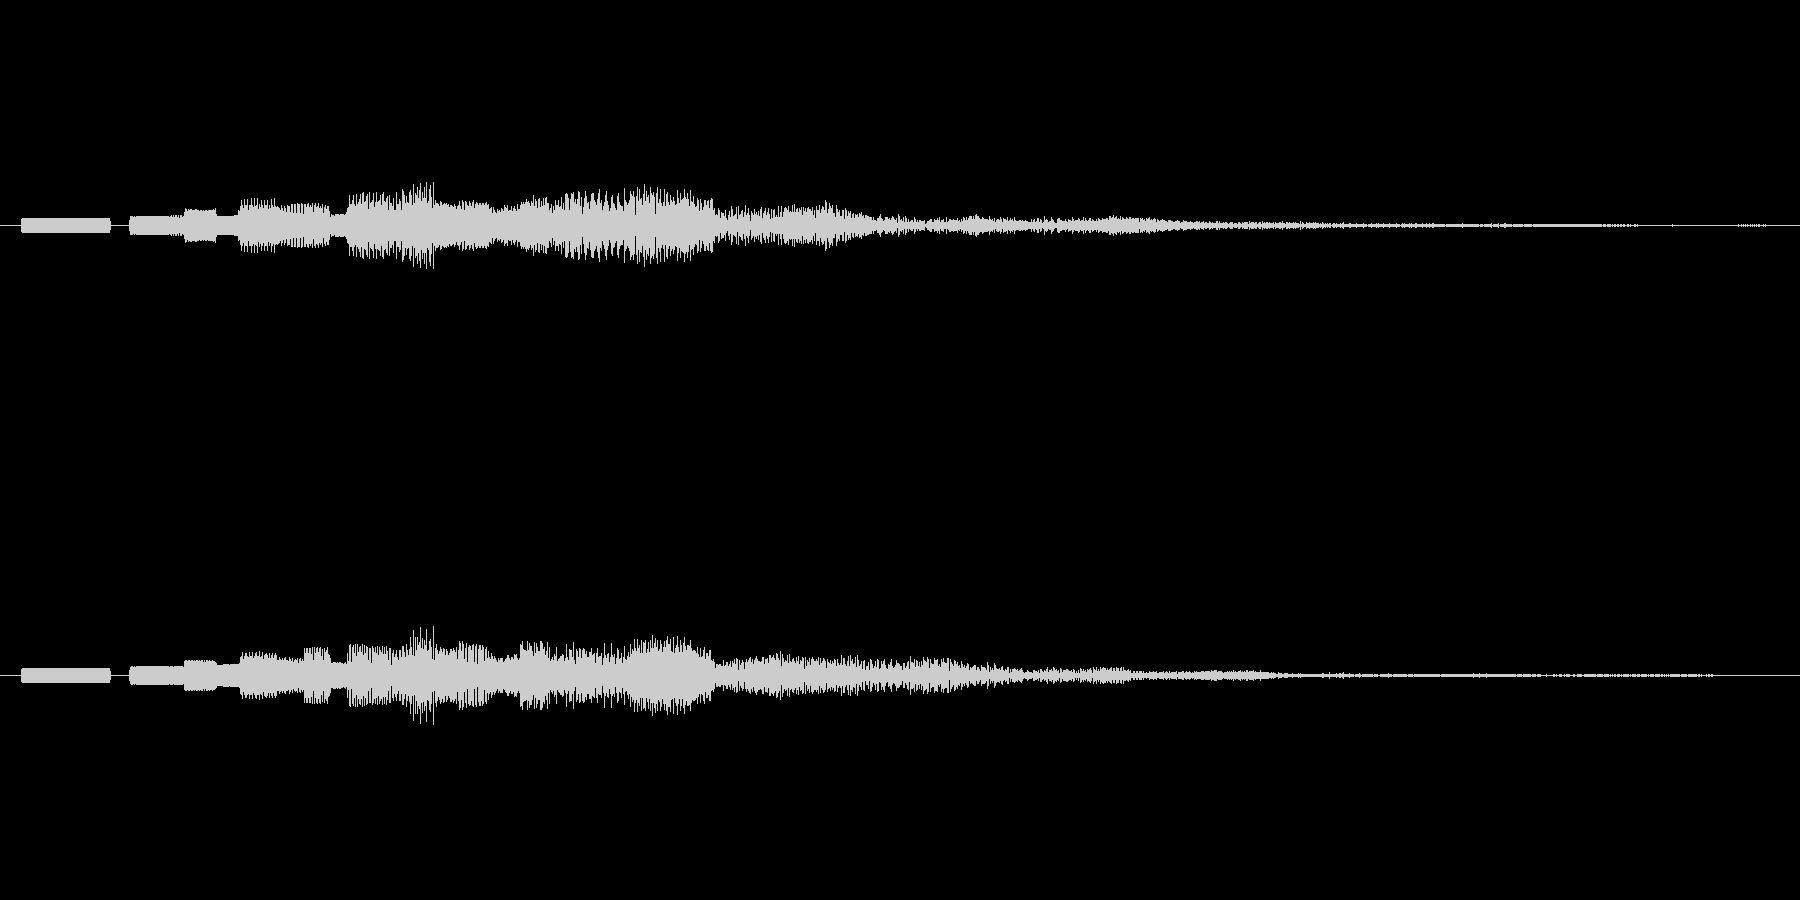 ピロピロピロッ↓(PC終了音、ロボット)の未再生の波形